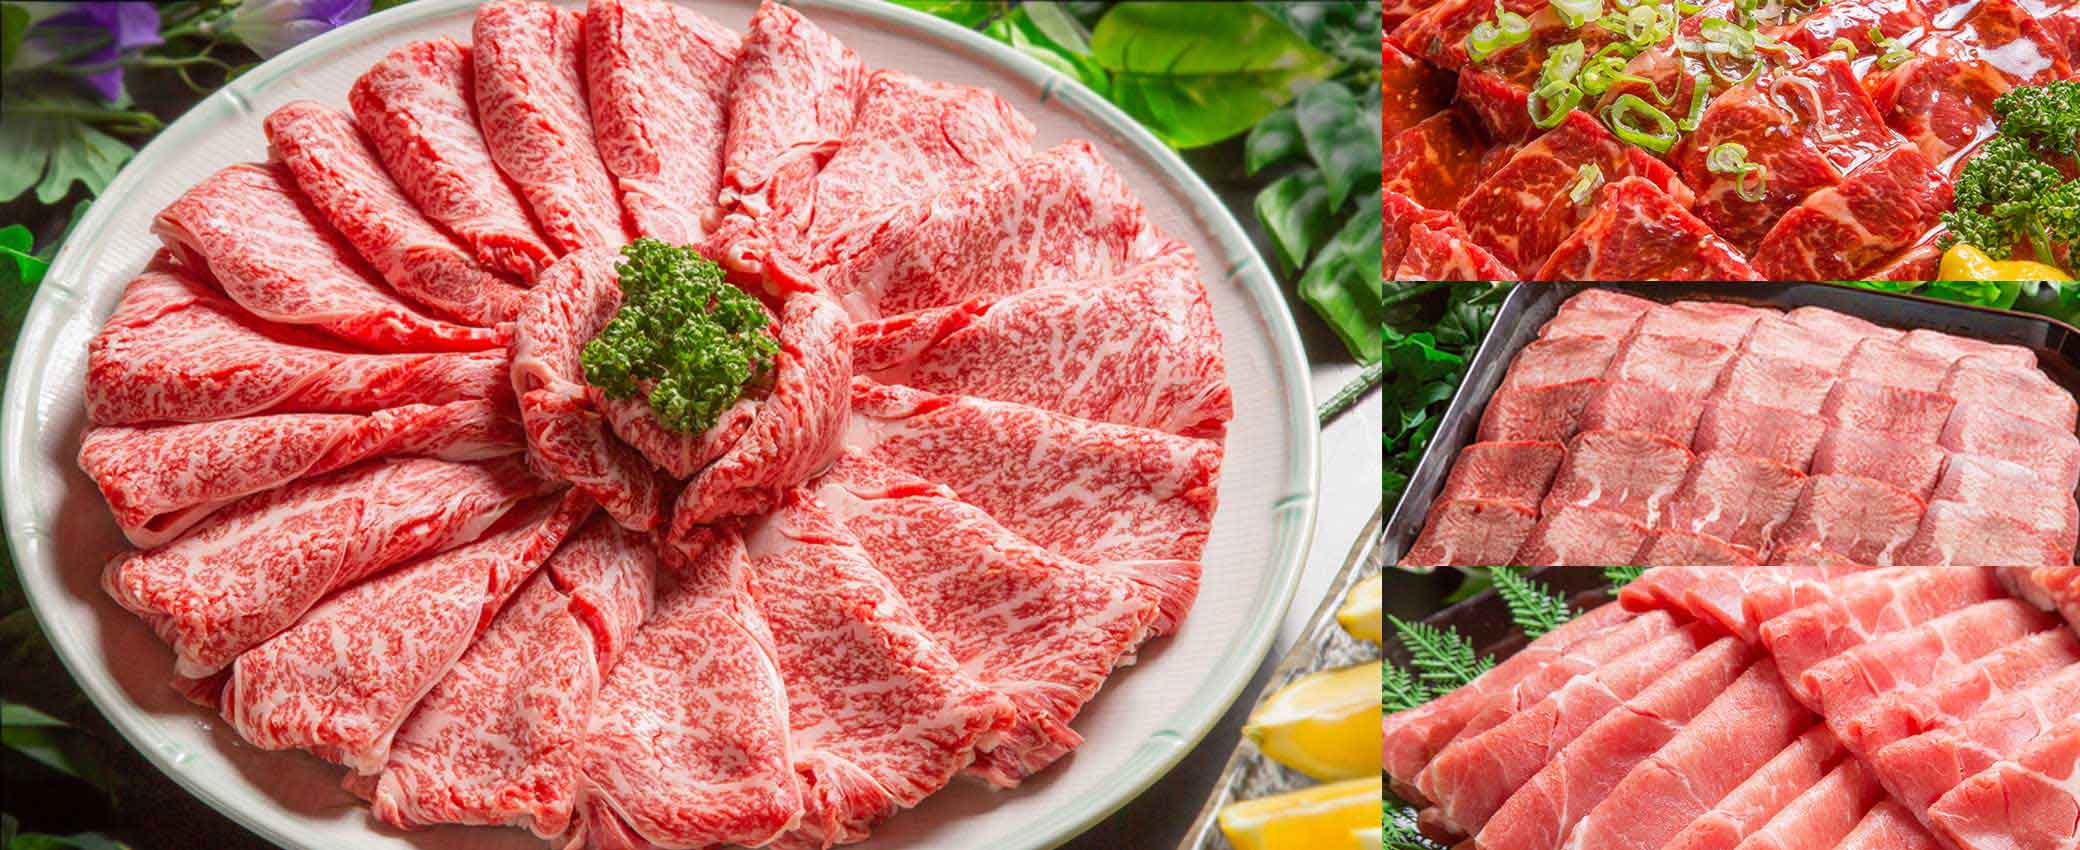 日本国産の黒毛和牛食べ放題